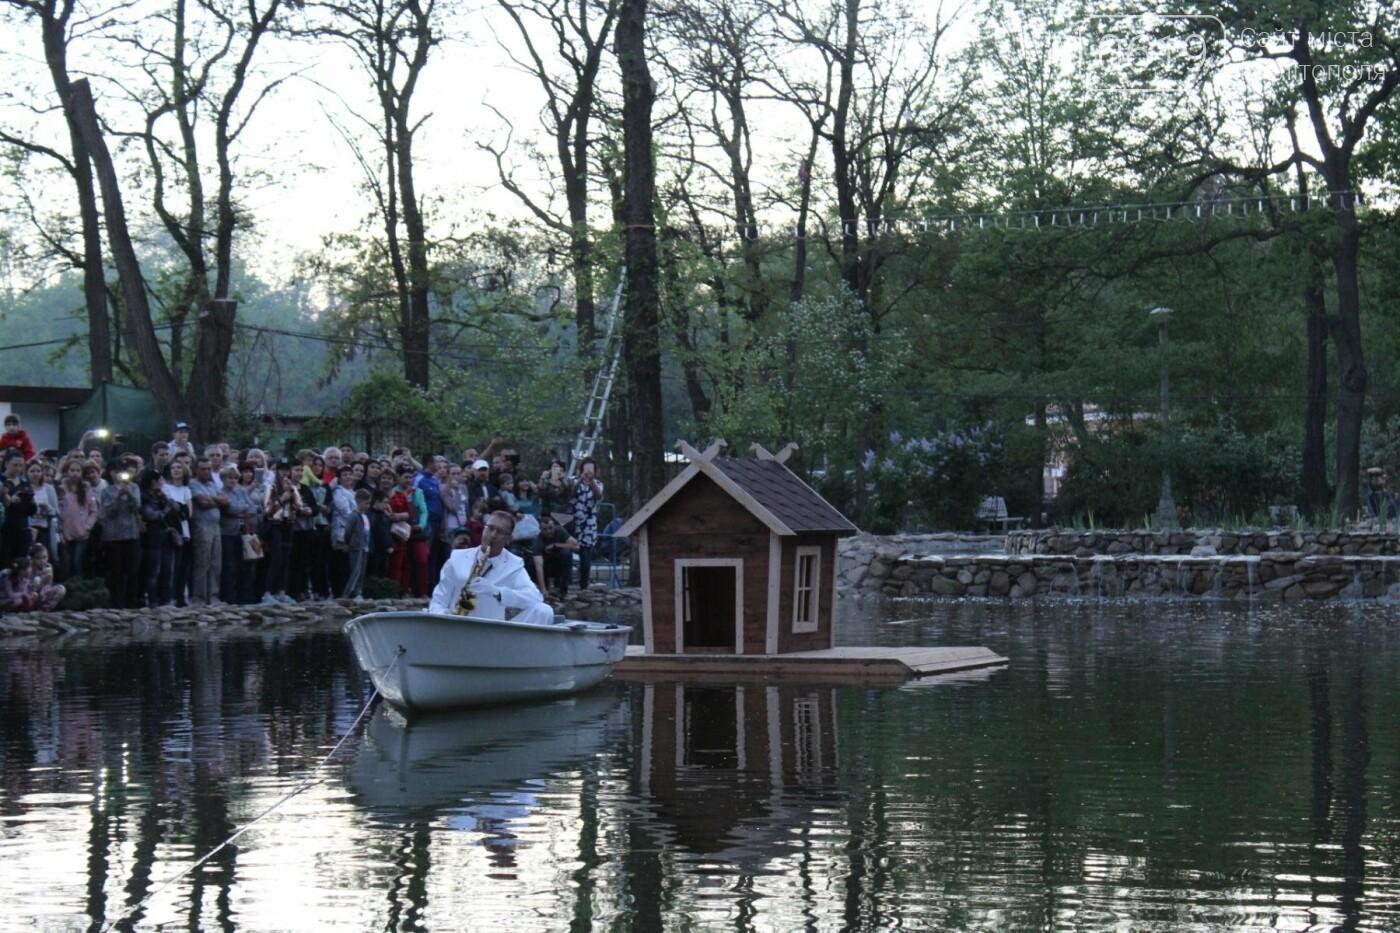 На торжественное открытие пруда в мелитопольском парке собрались сотни горожан, фото-5